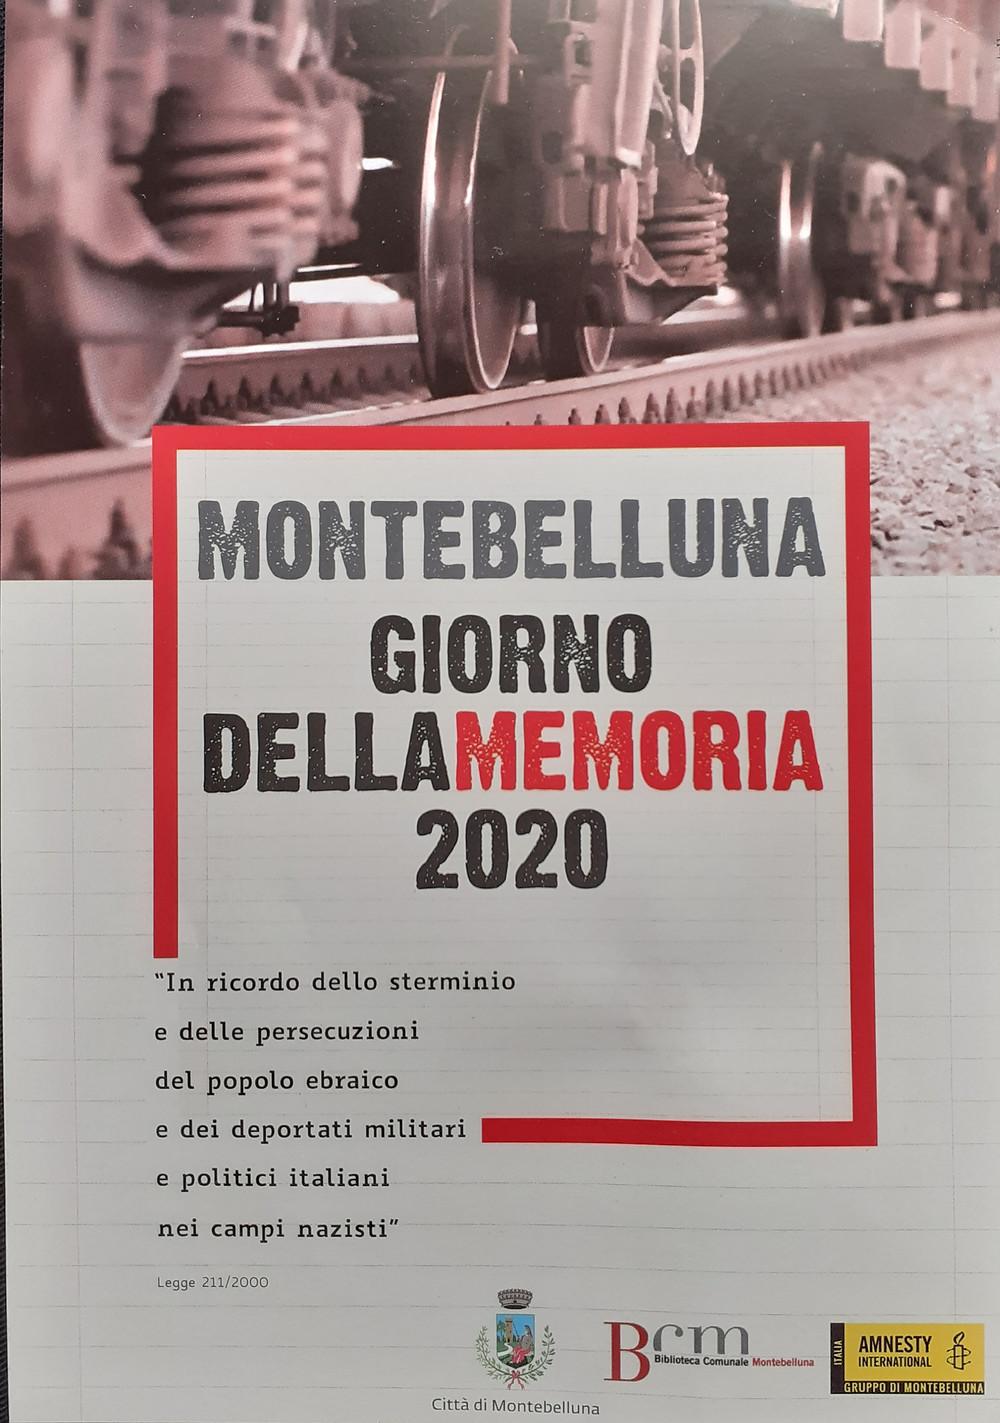 Cartaz produzido pelo Comune di Montebelluna, il giorno della memoria